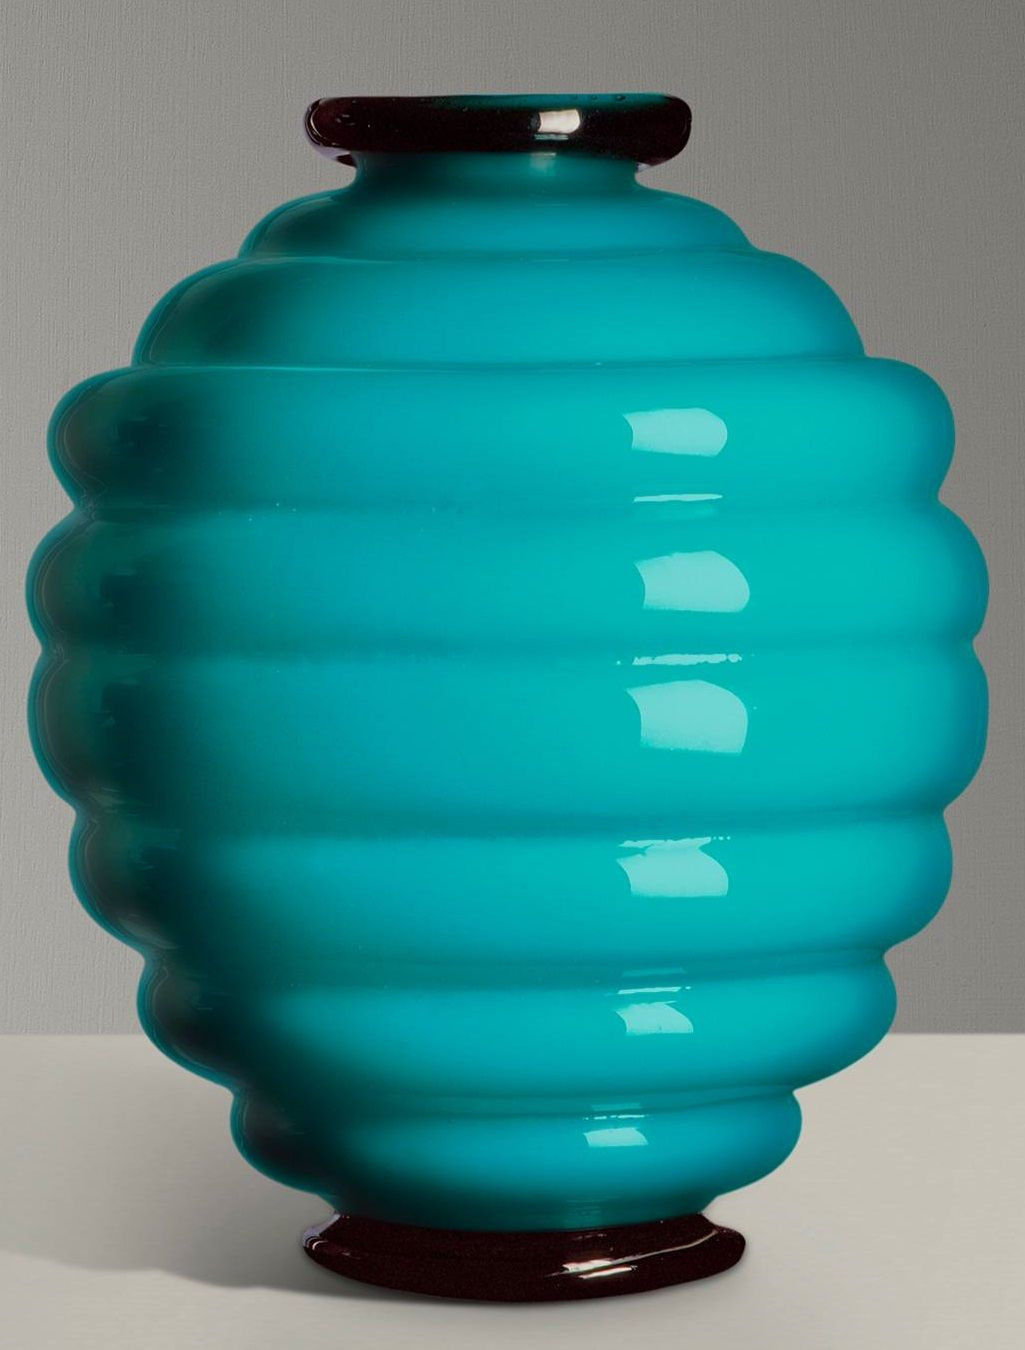 murano vase value of 1930 venini glass vase by napoleone martinuzzi murano glass with regard to 1930 venini glass vase by napoleone martinuzzi